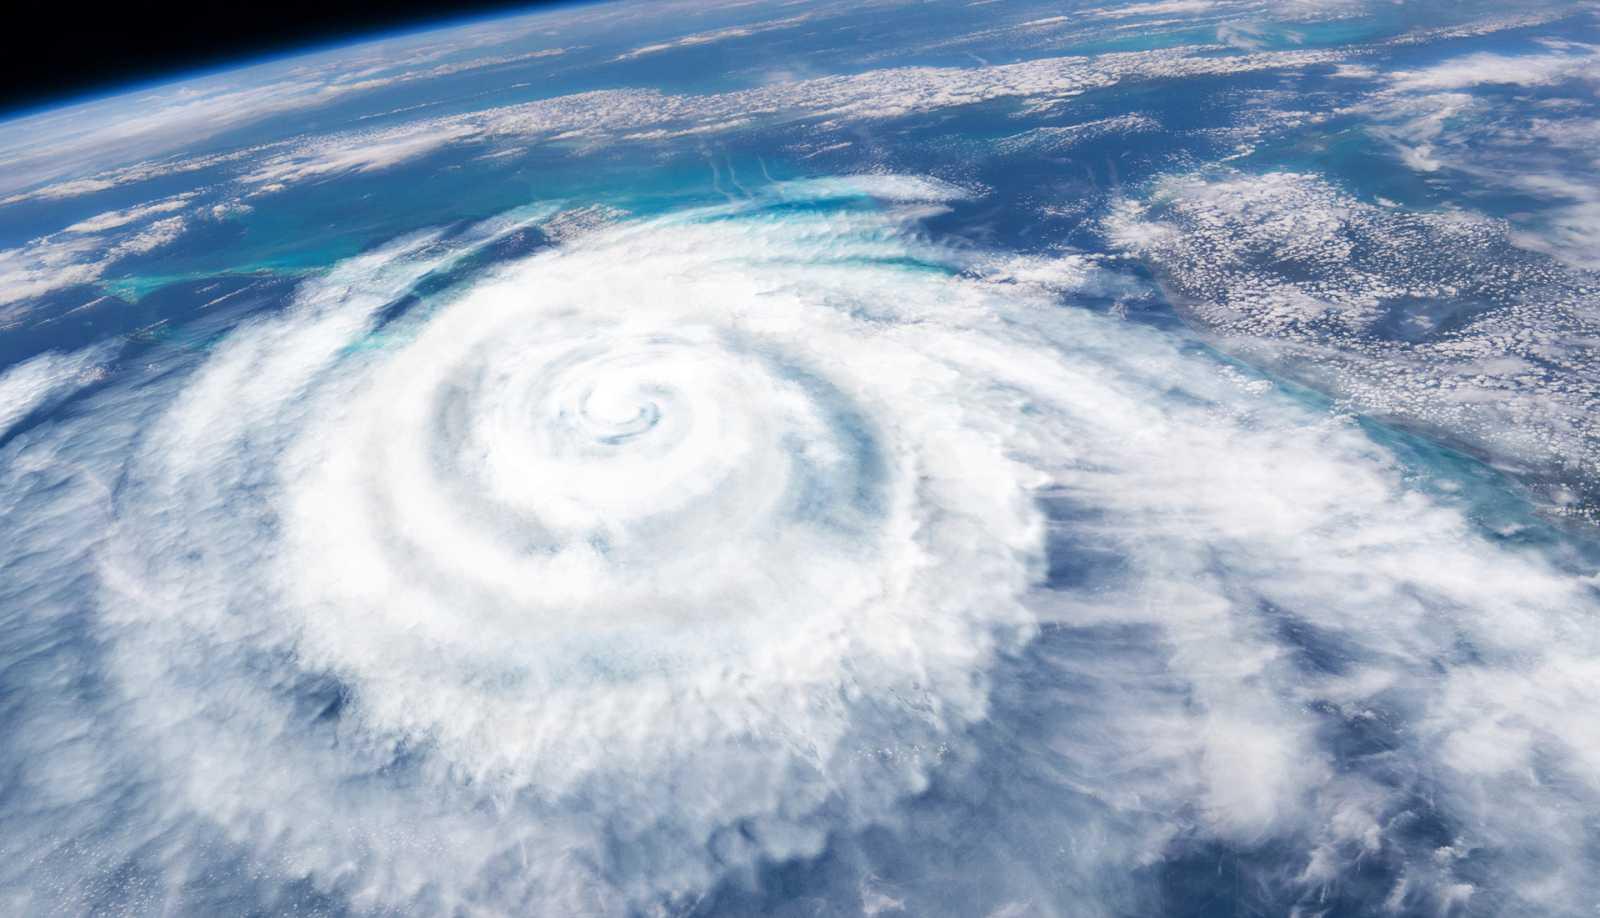 Hora América - Inusual temporada de huracanes en el Atlántico - 26/11/20 - escuchar ahora